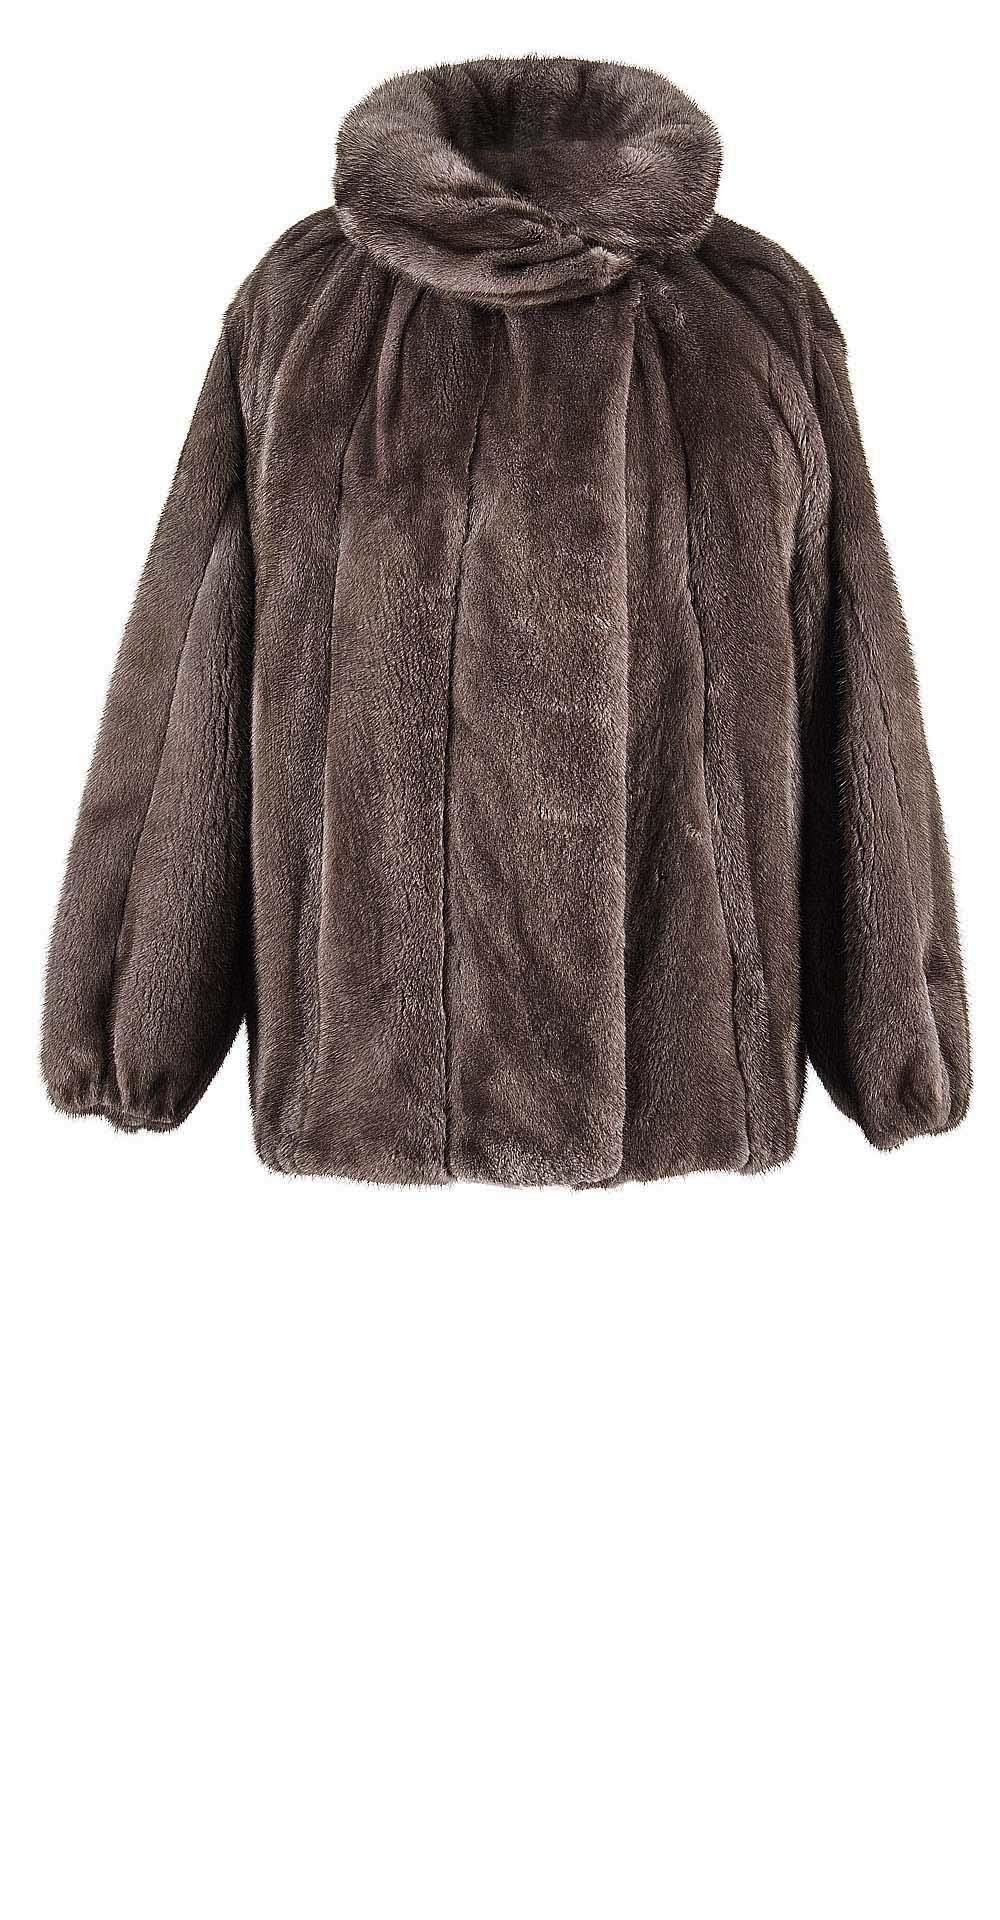 Полупальто из меха норки, цвет: Серый - купить за 271700 в магазине - Гипермаркет меха